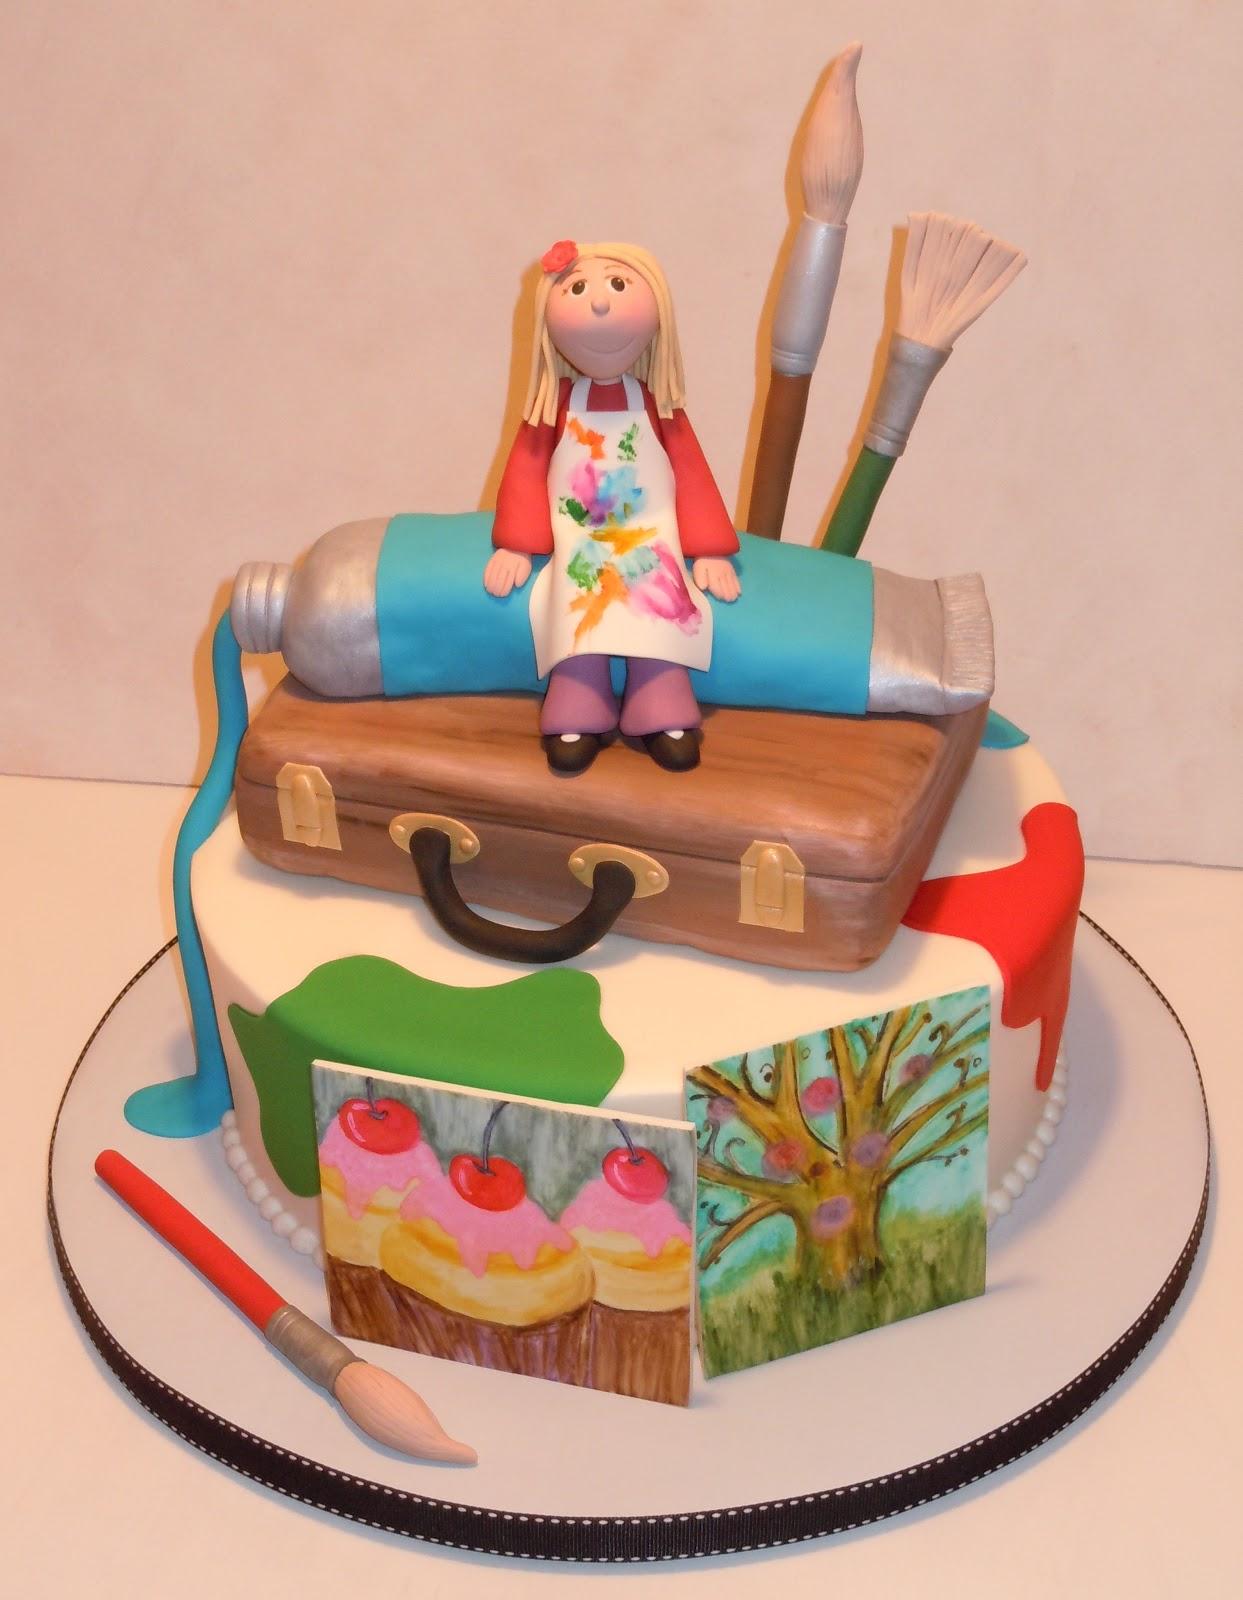 Cake Artist Cakes Bjaydev for